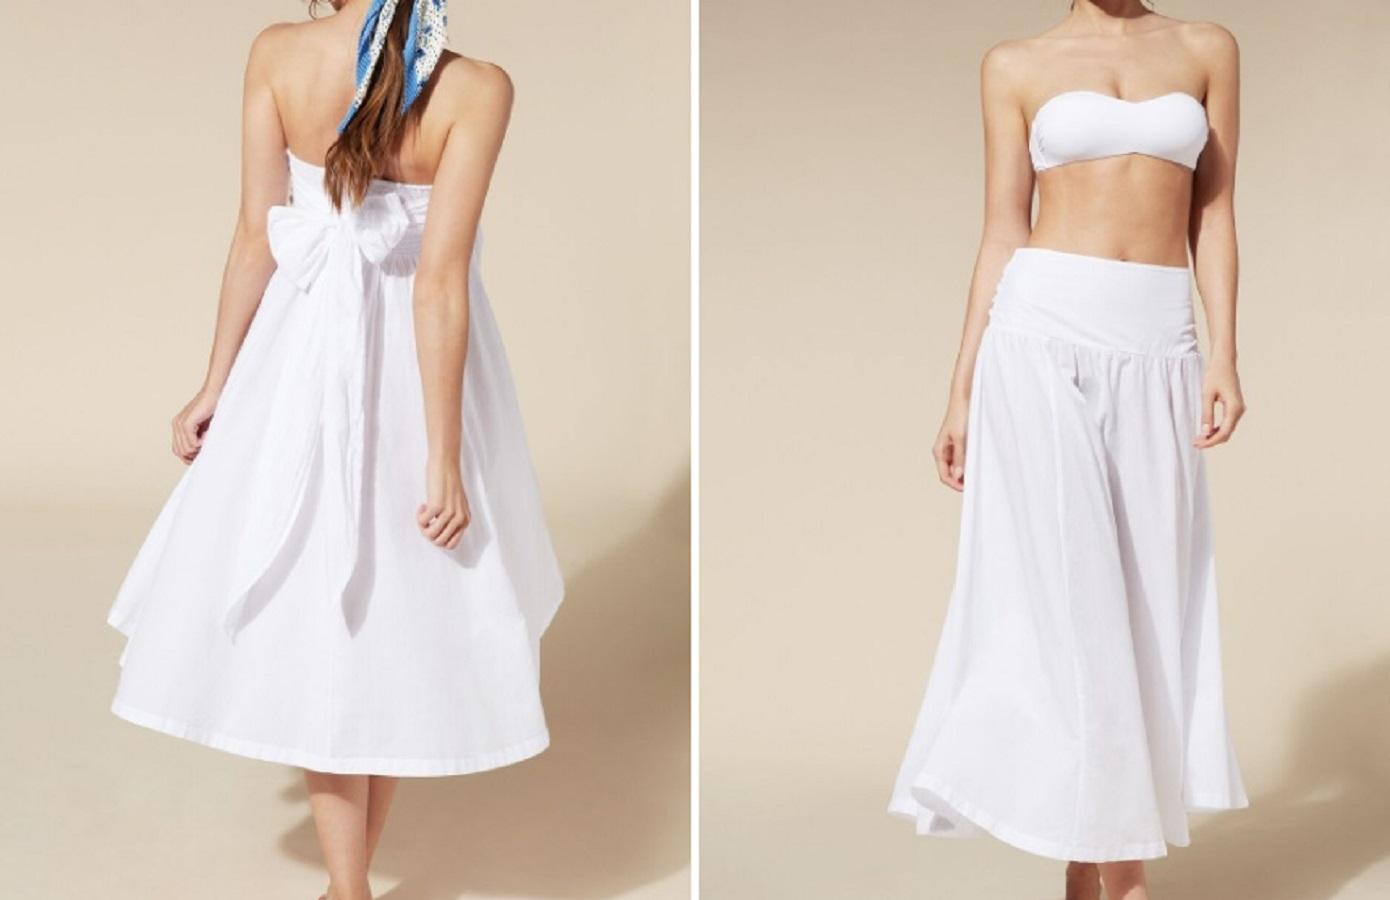 La gonna bianca Calzedonia da 17,90 euro da usare come vestito